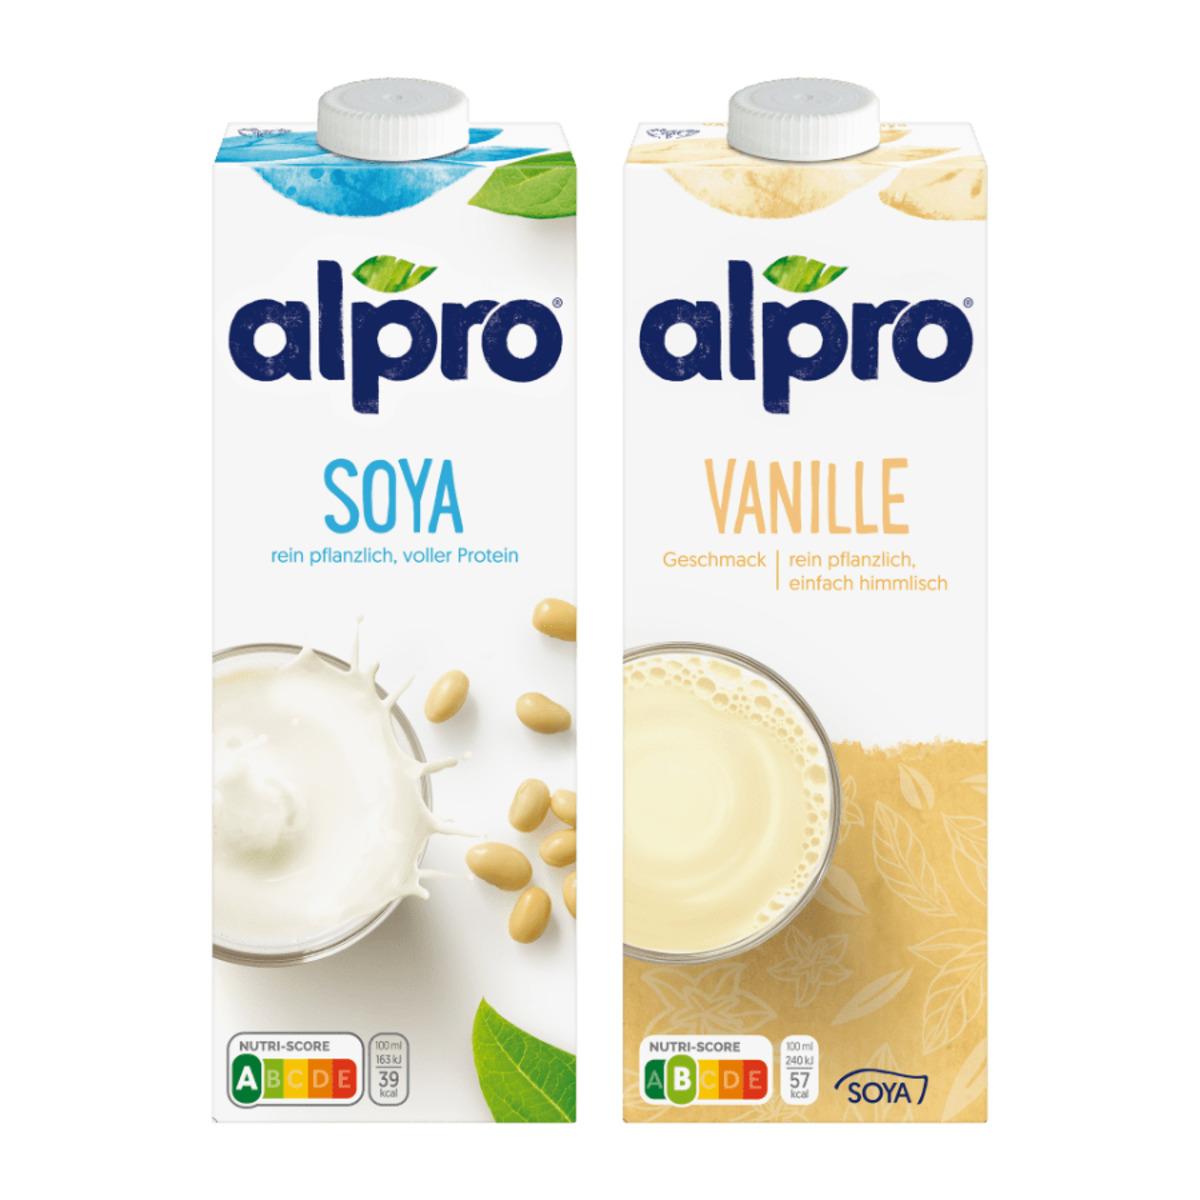 Bild 1 von alpro Soya Drink